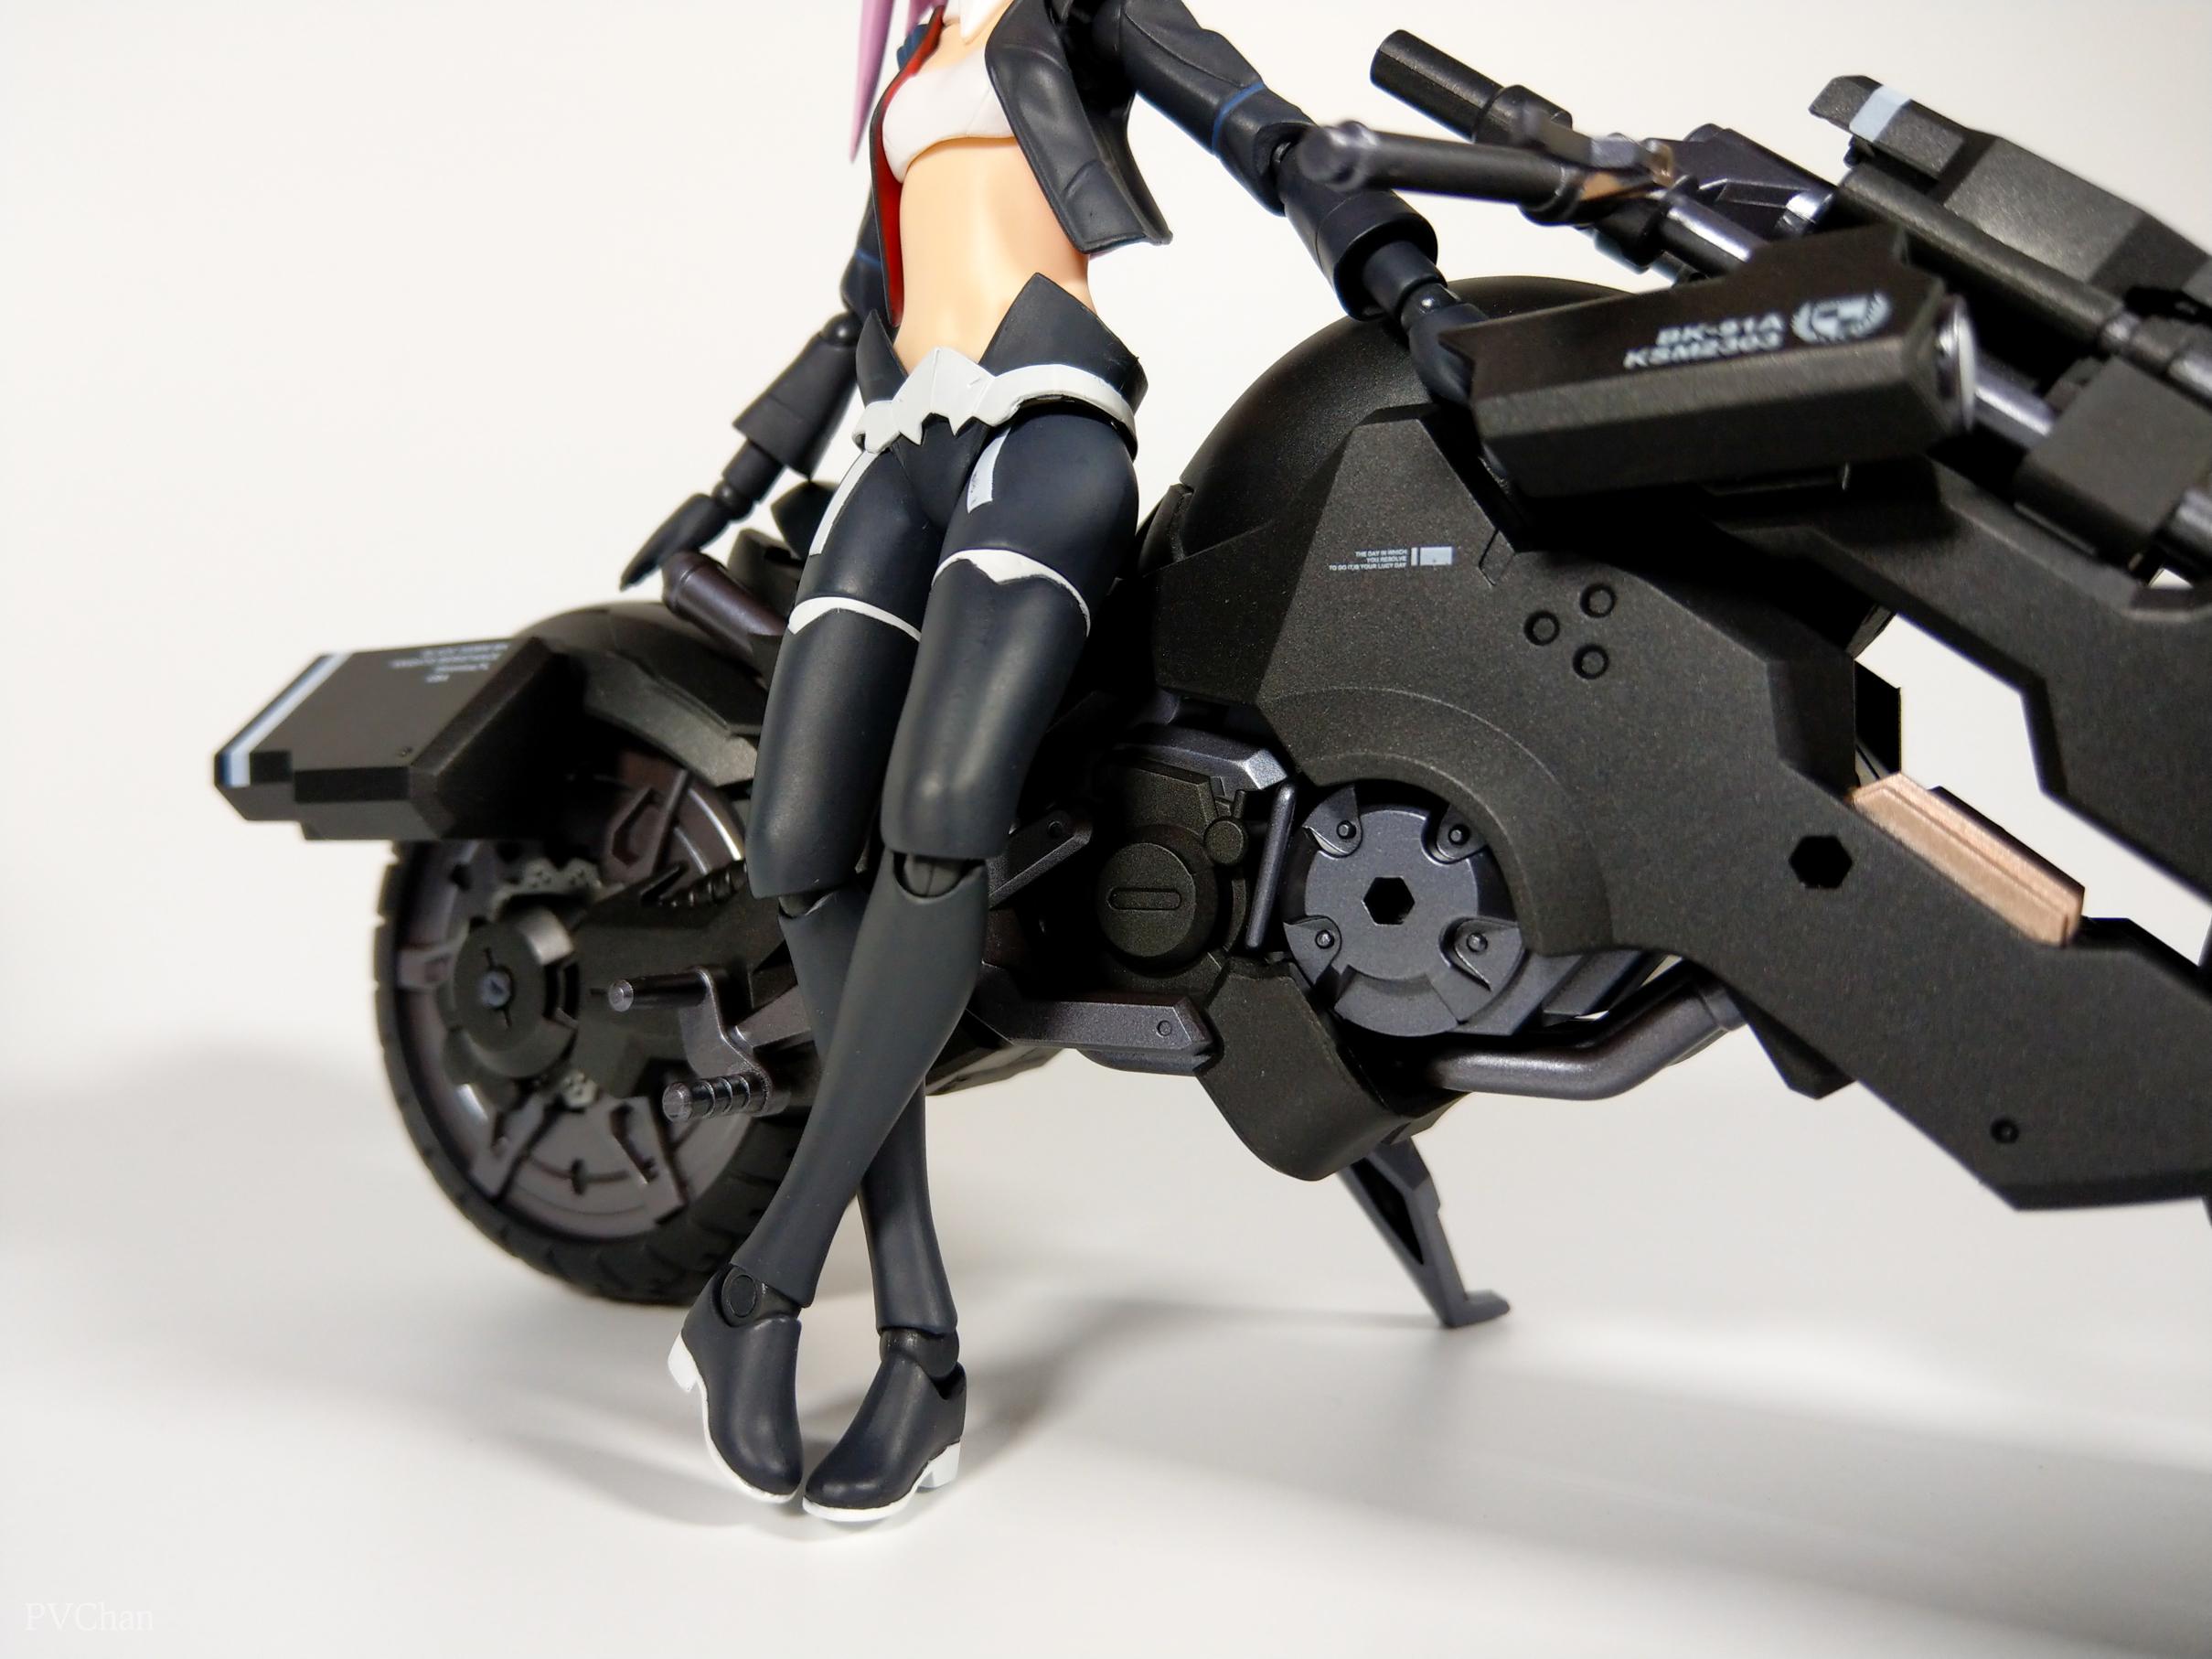 Необычное пополнение коллекции - байк из серии ex:ride от Max Factory. - Изображение 1